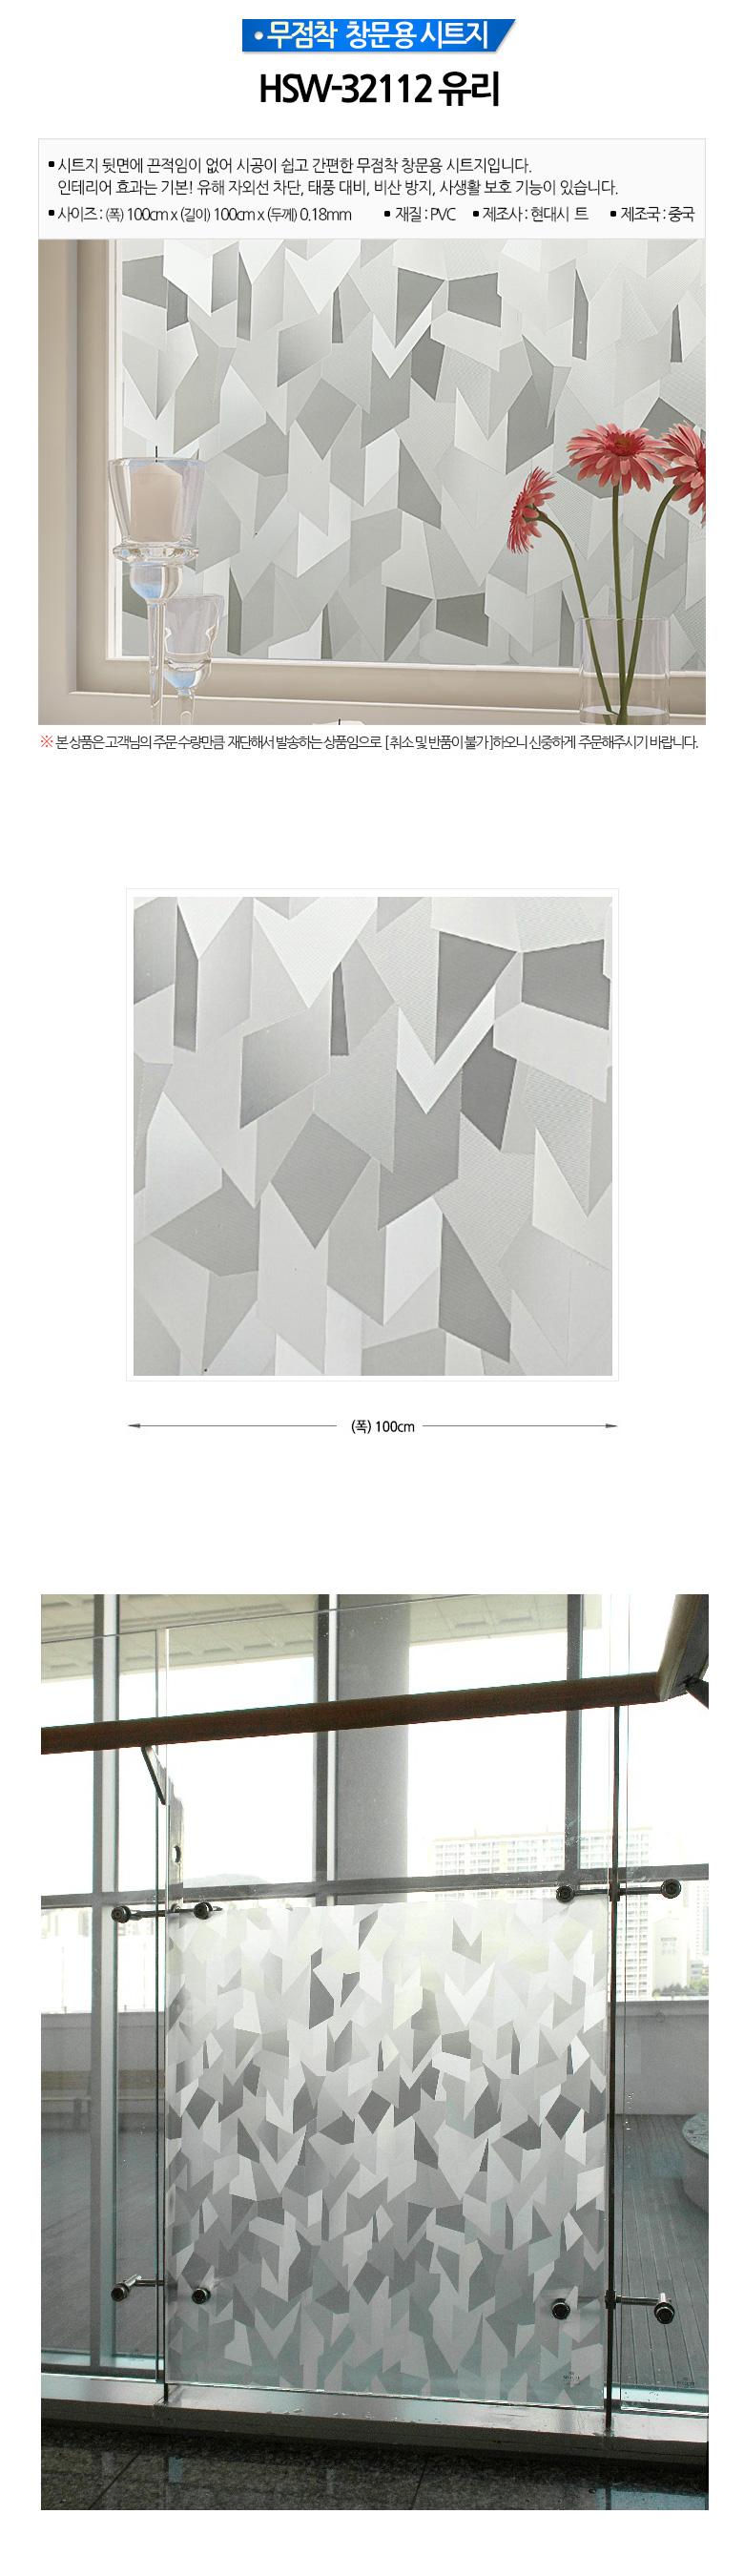 시공이 쉬운 무점착 창문시트지 17종 - 케이알인터내셔날, 6,000원, 벽지/시트지, 디자인 시트지